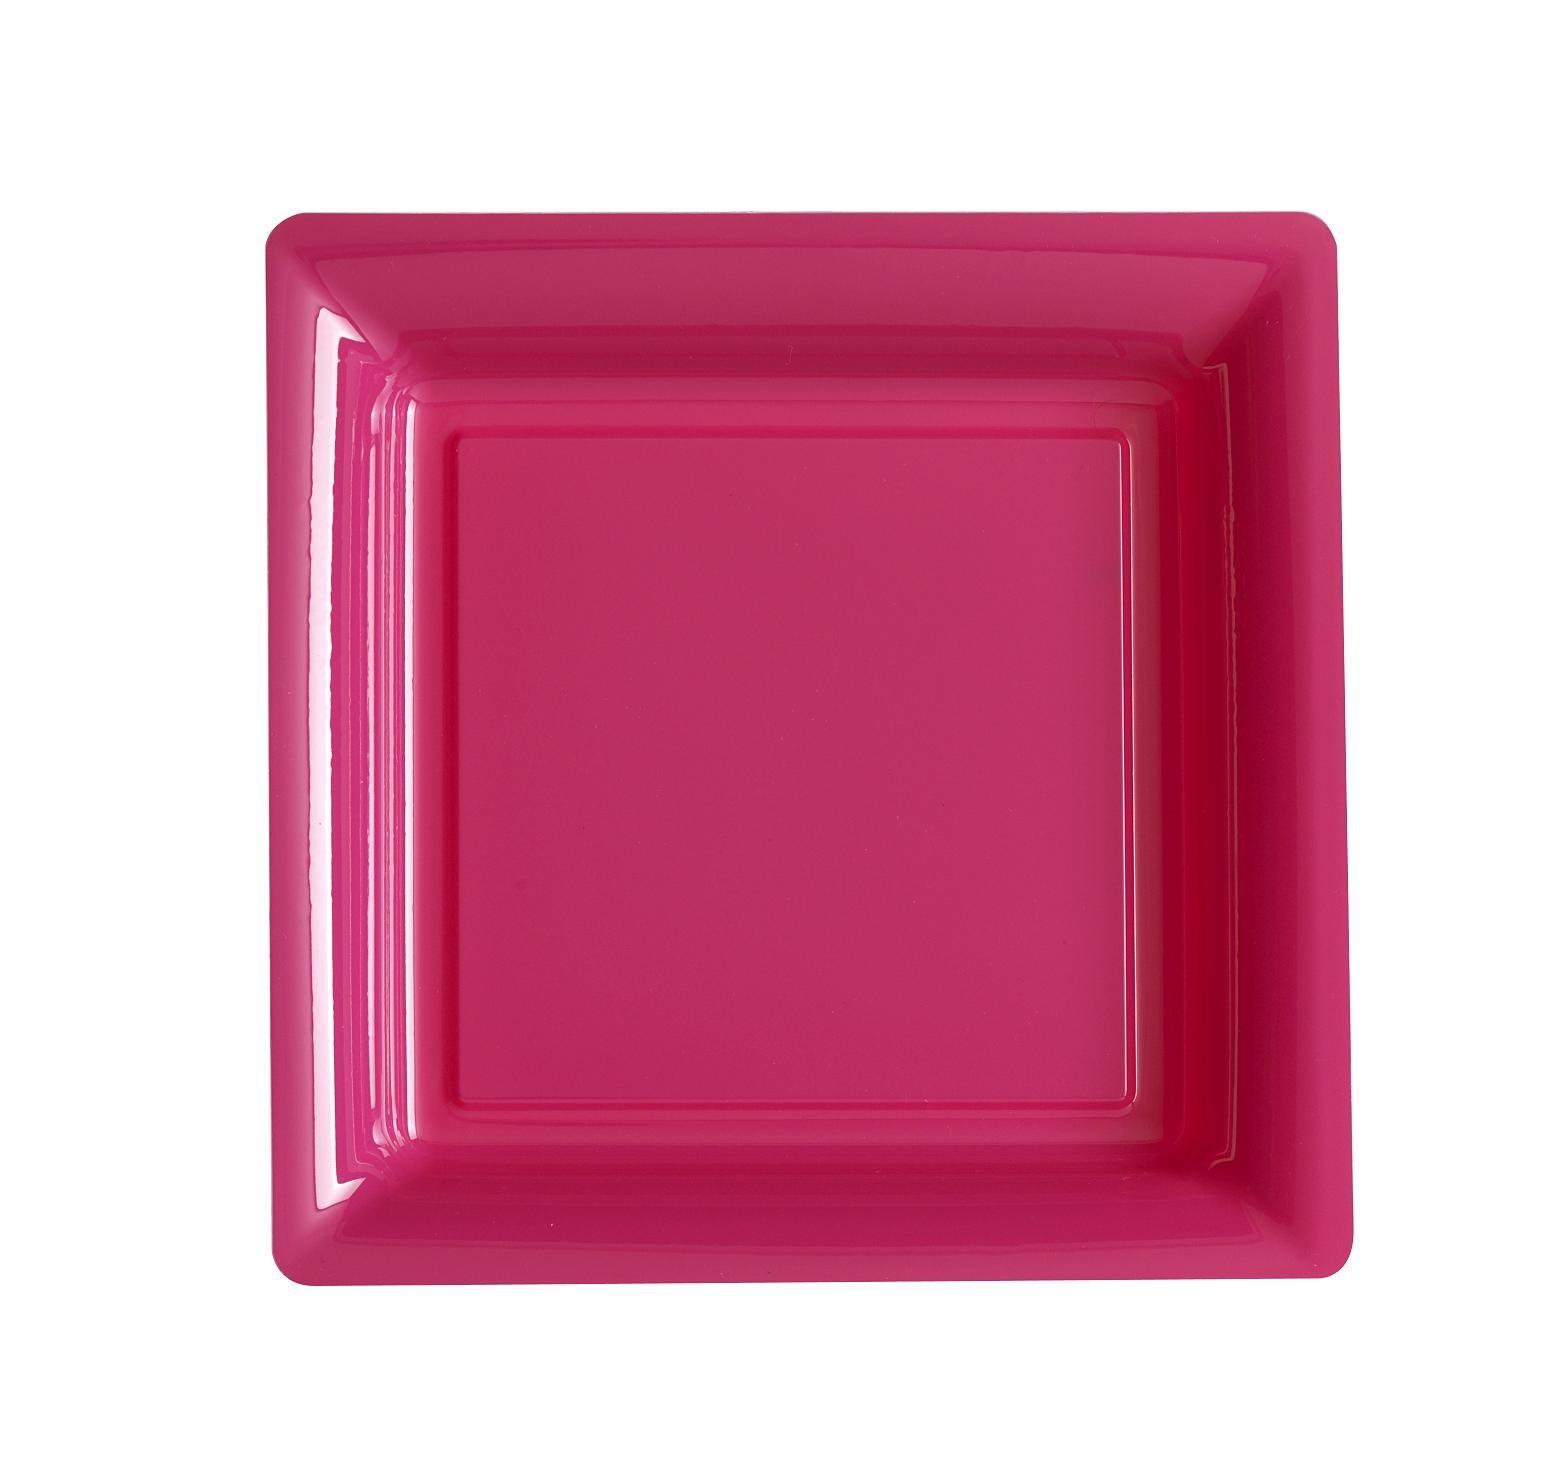 ASSIETTE JETABLE ROSE INDIEN 18cm